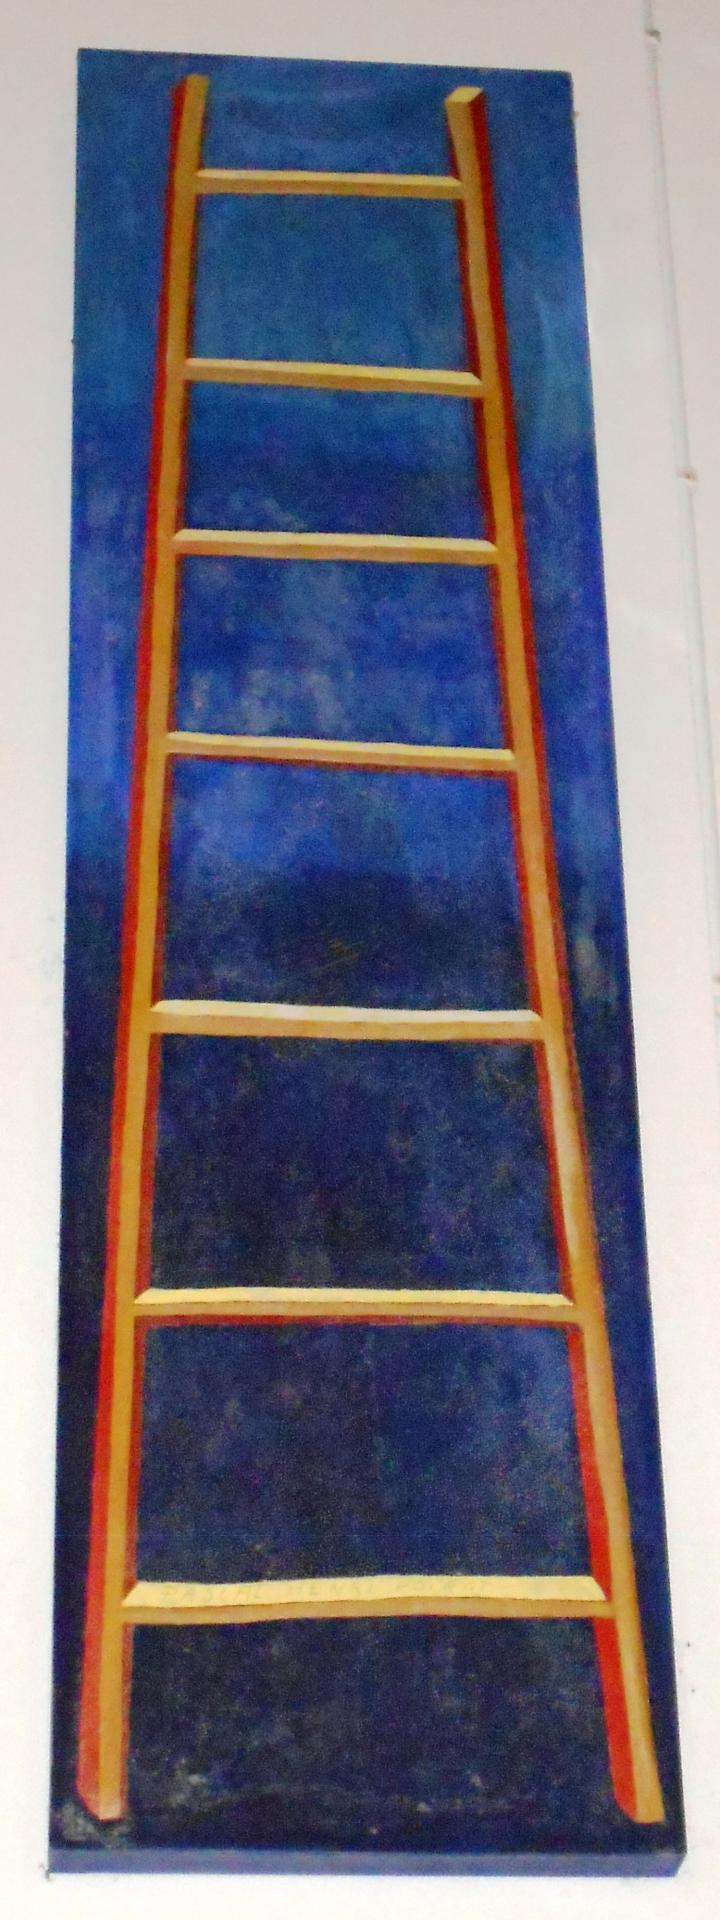 Grande échelle bleue